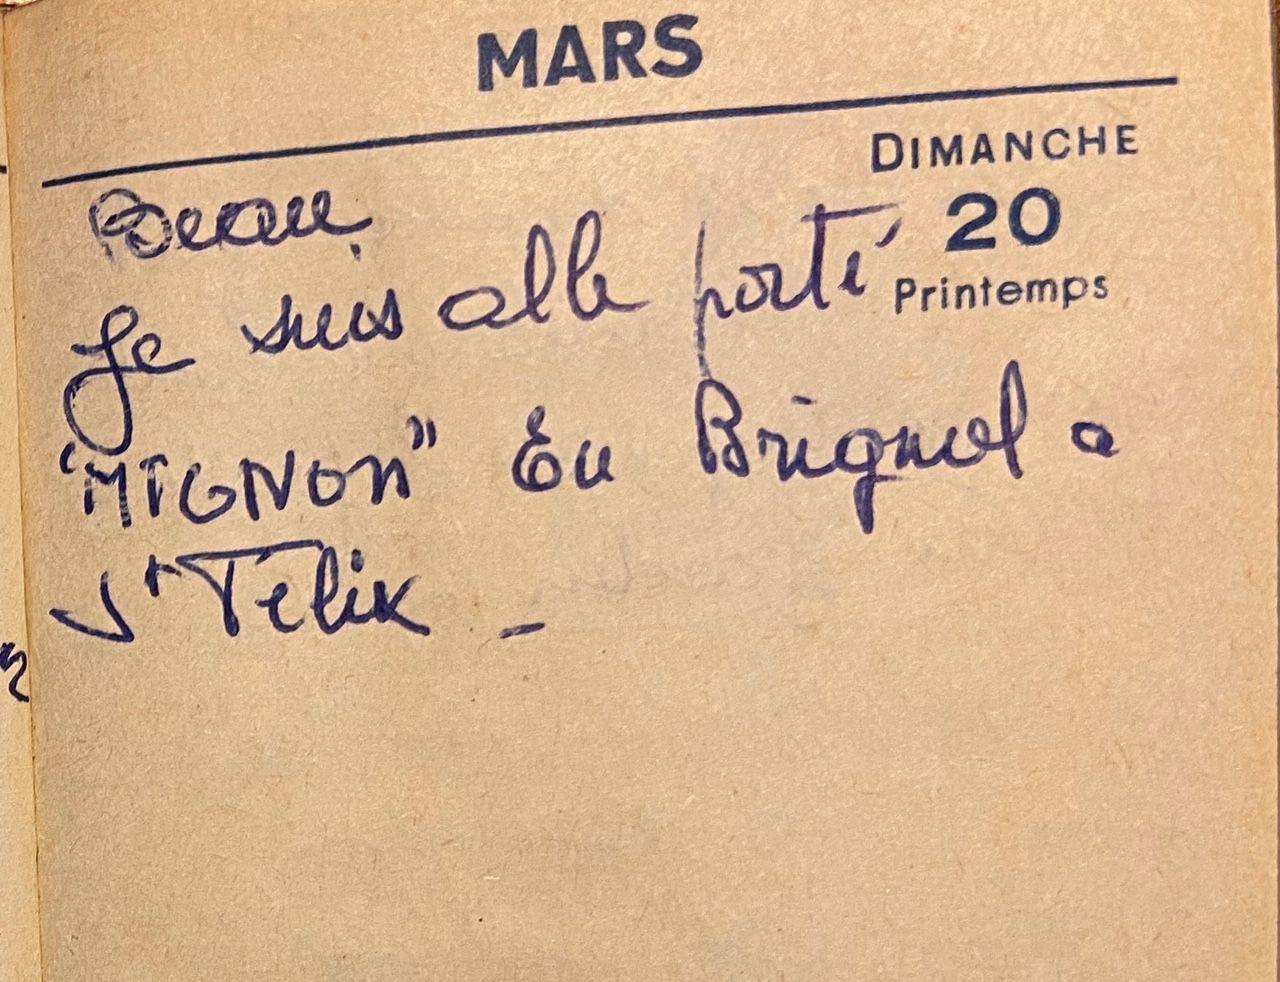 Dimanche 20 mars 1960 - Accompagner Mignon